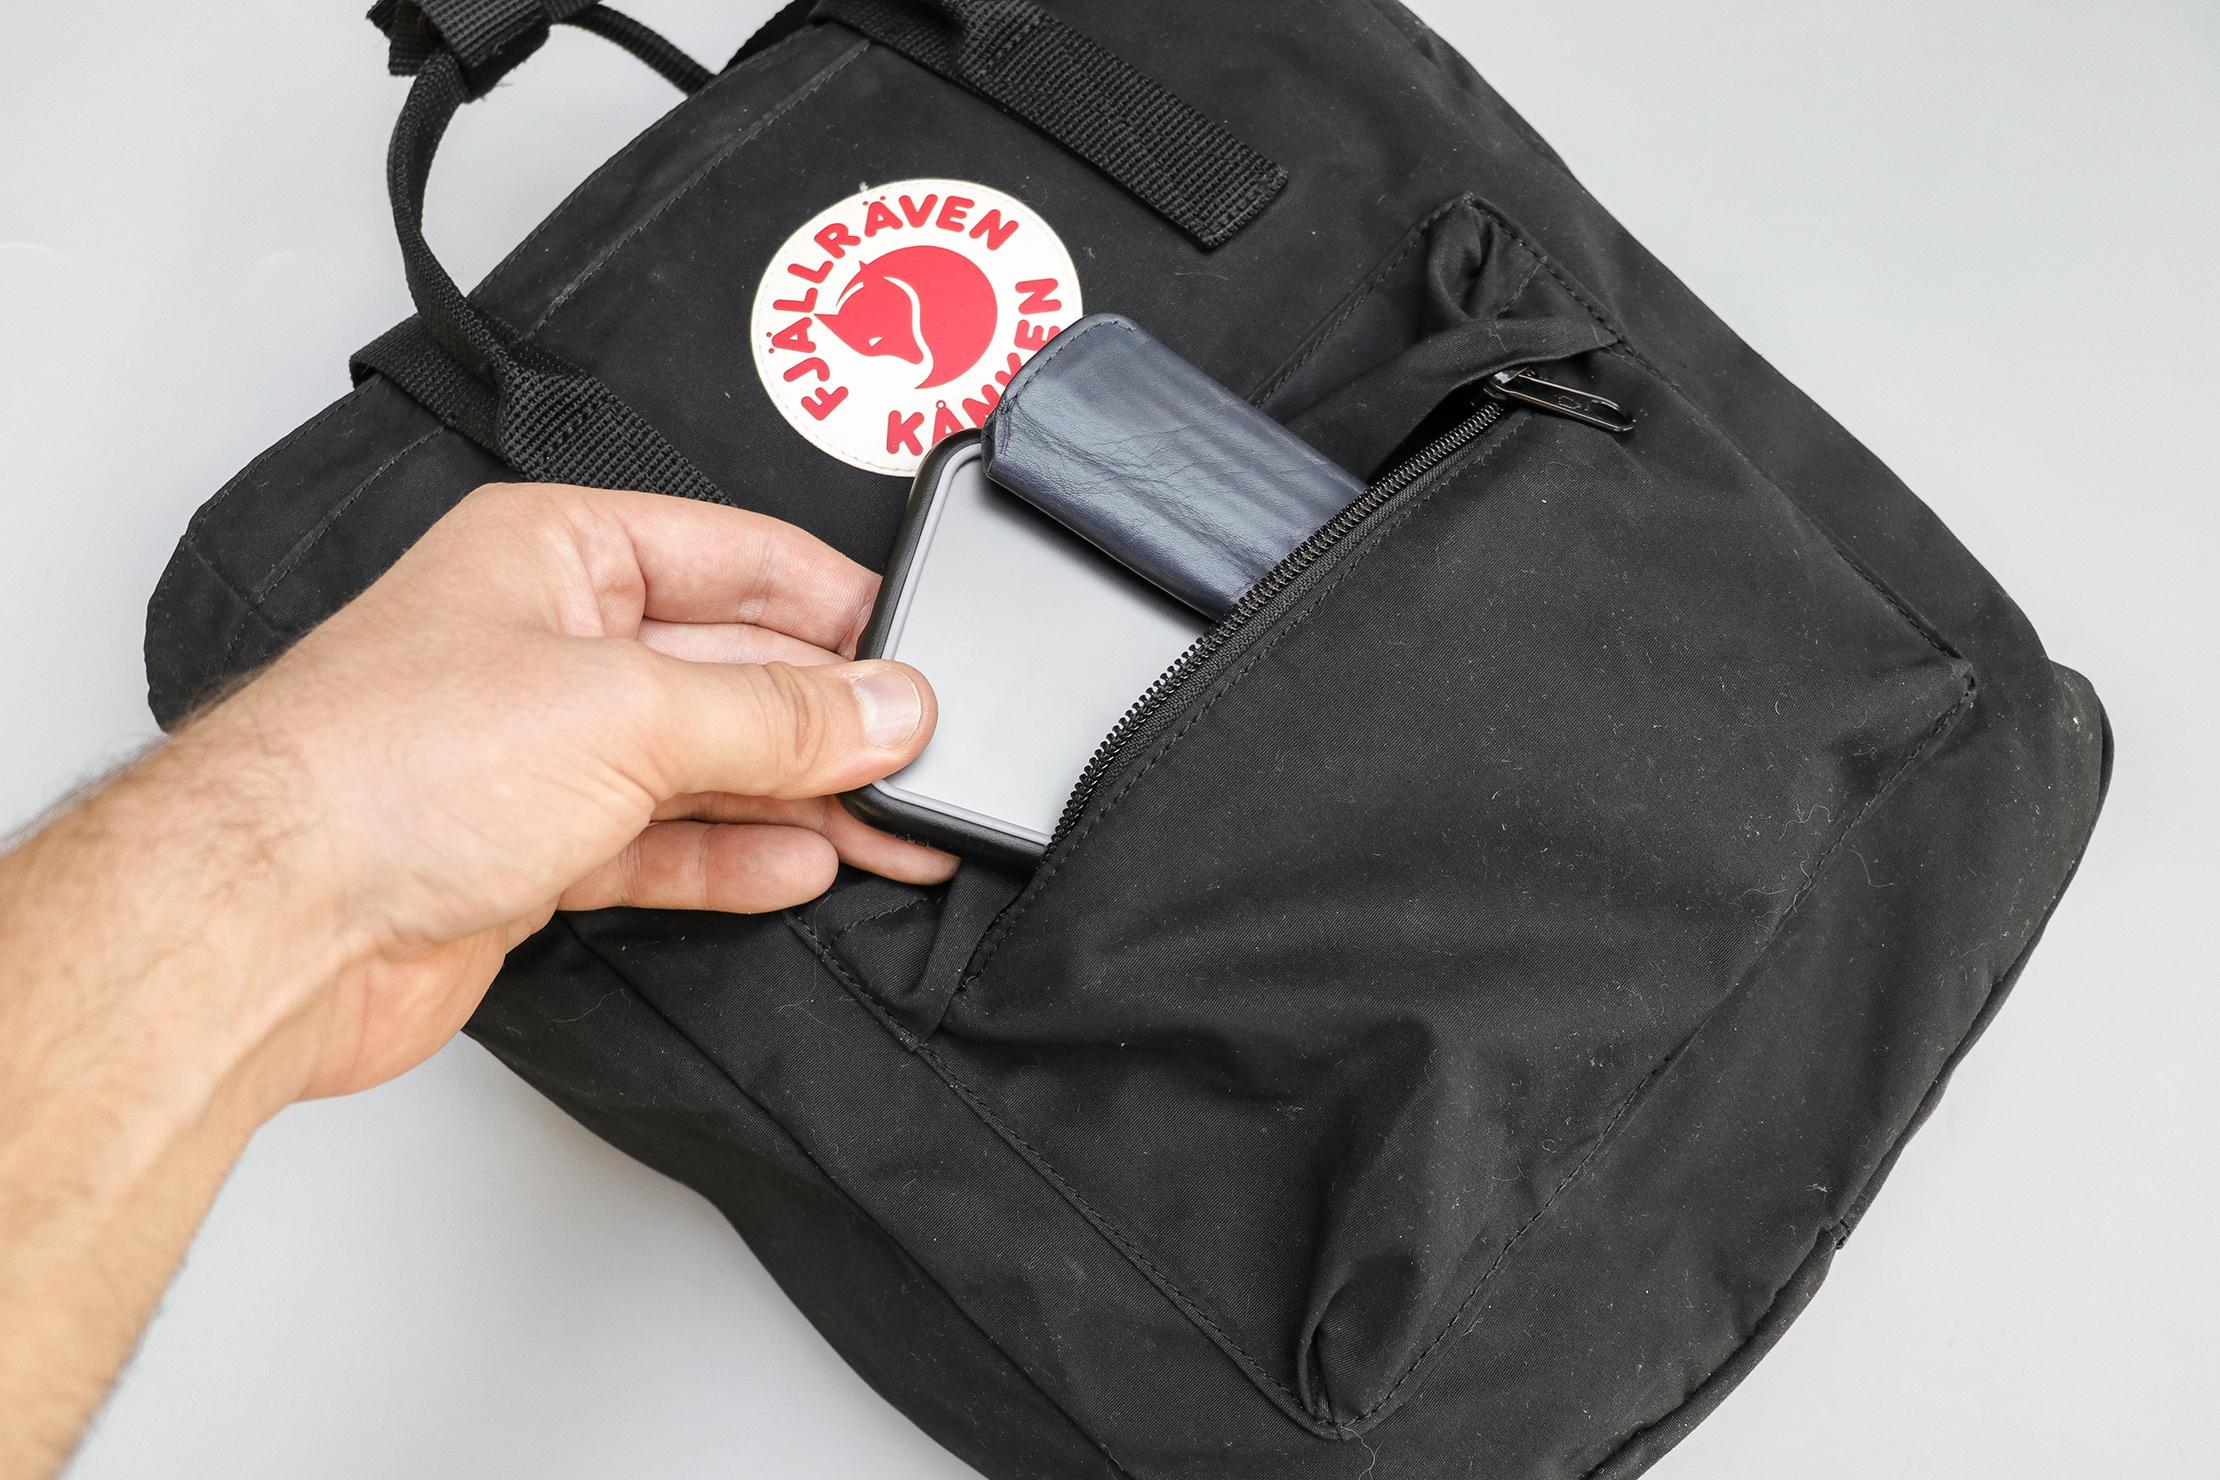 Fjallraven Kanken Totepack Front Pocket